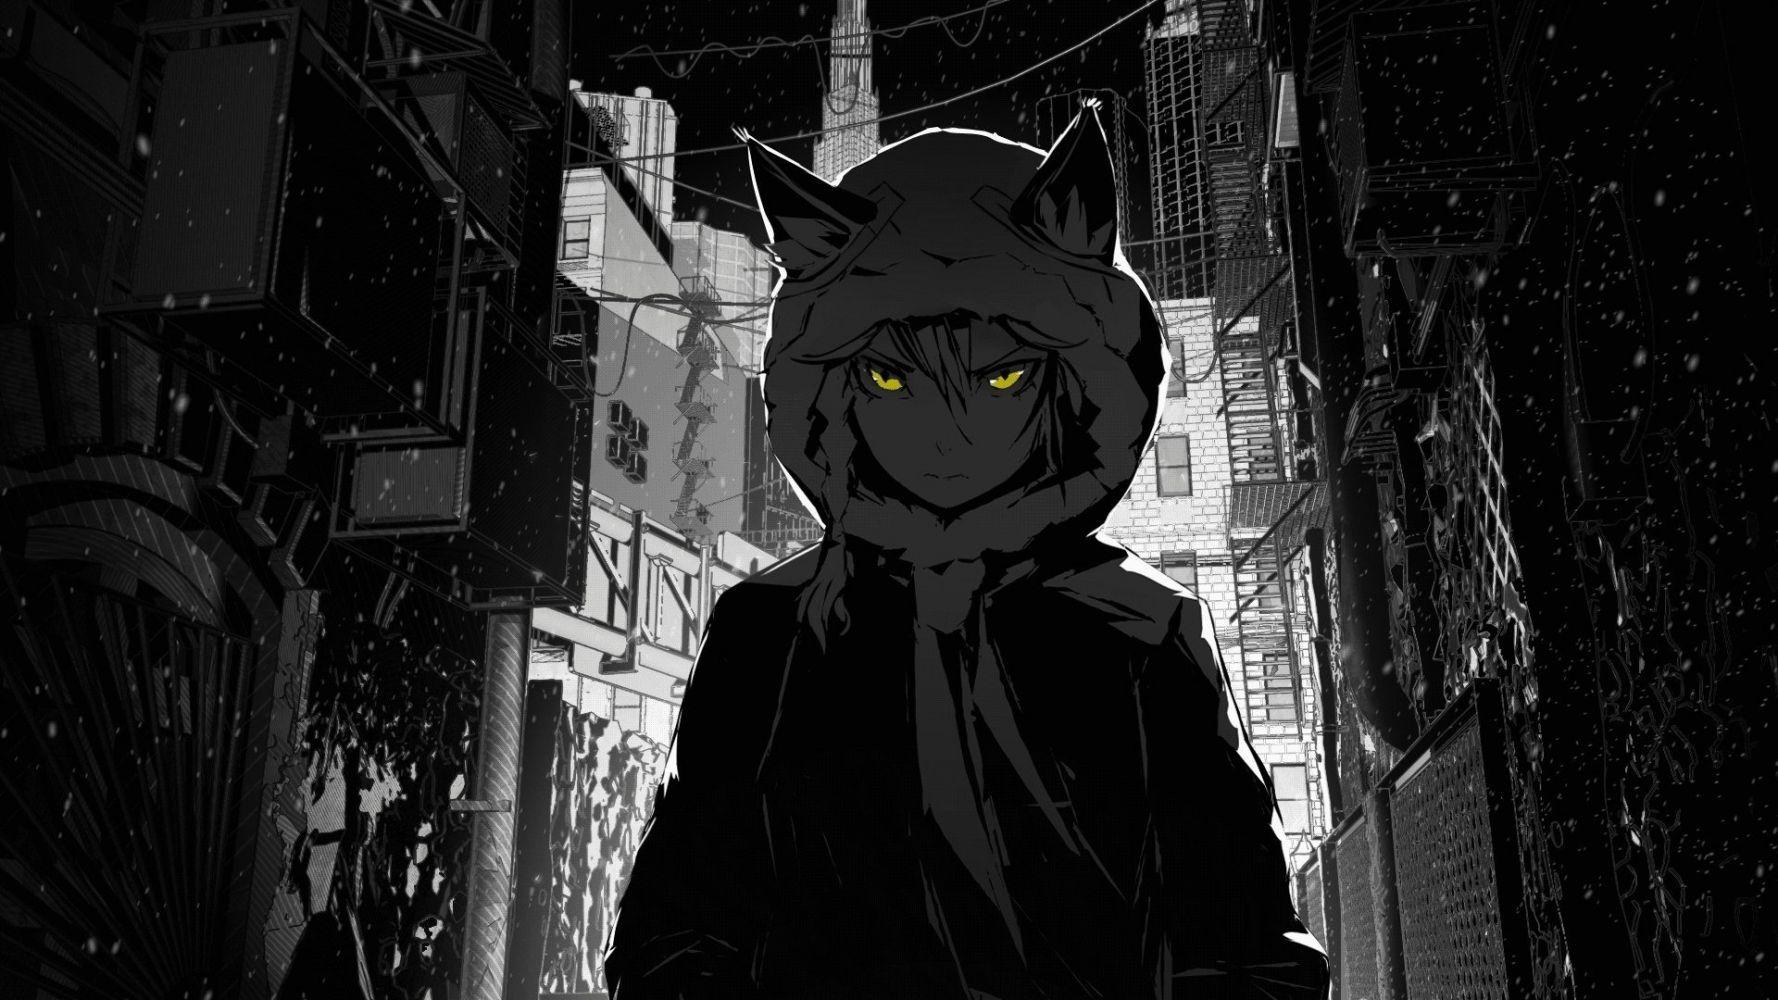 Hình nền anime đen trắng